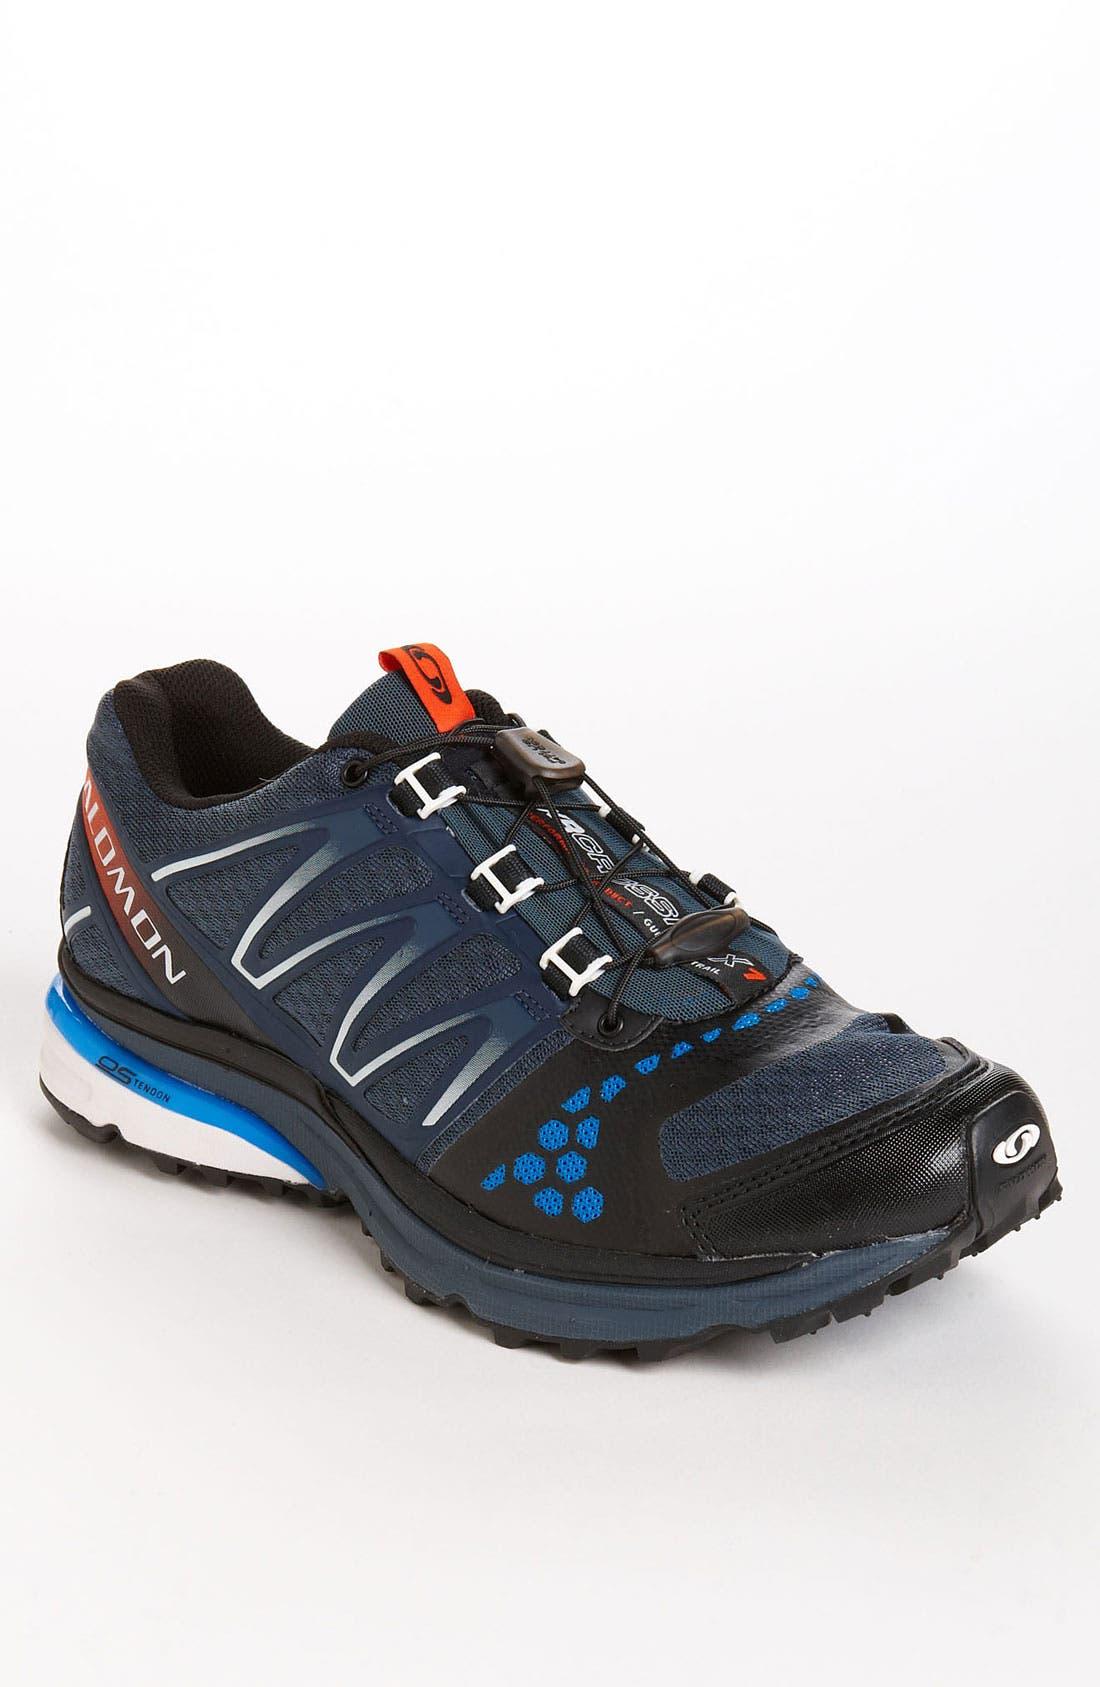 Alternate Image 1 Selected - Salomon 'XR Crossmax Guidance' Trail Running Shoe (Men)